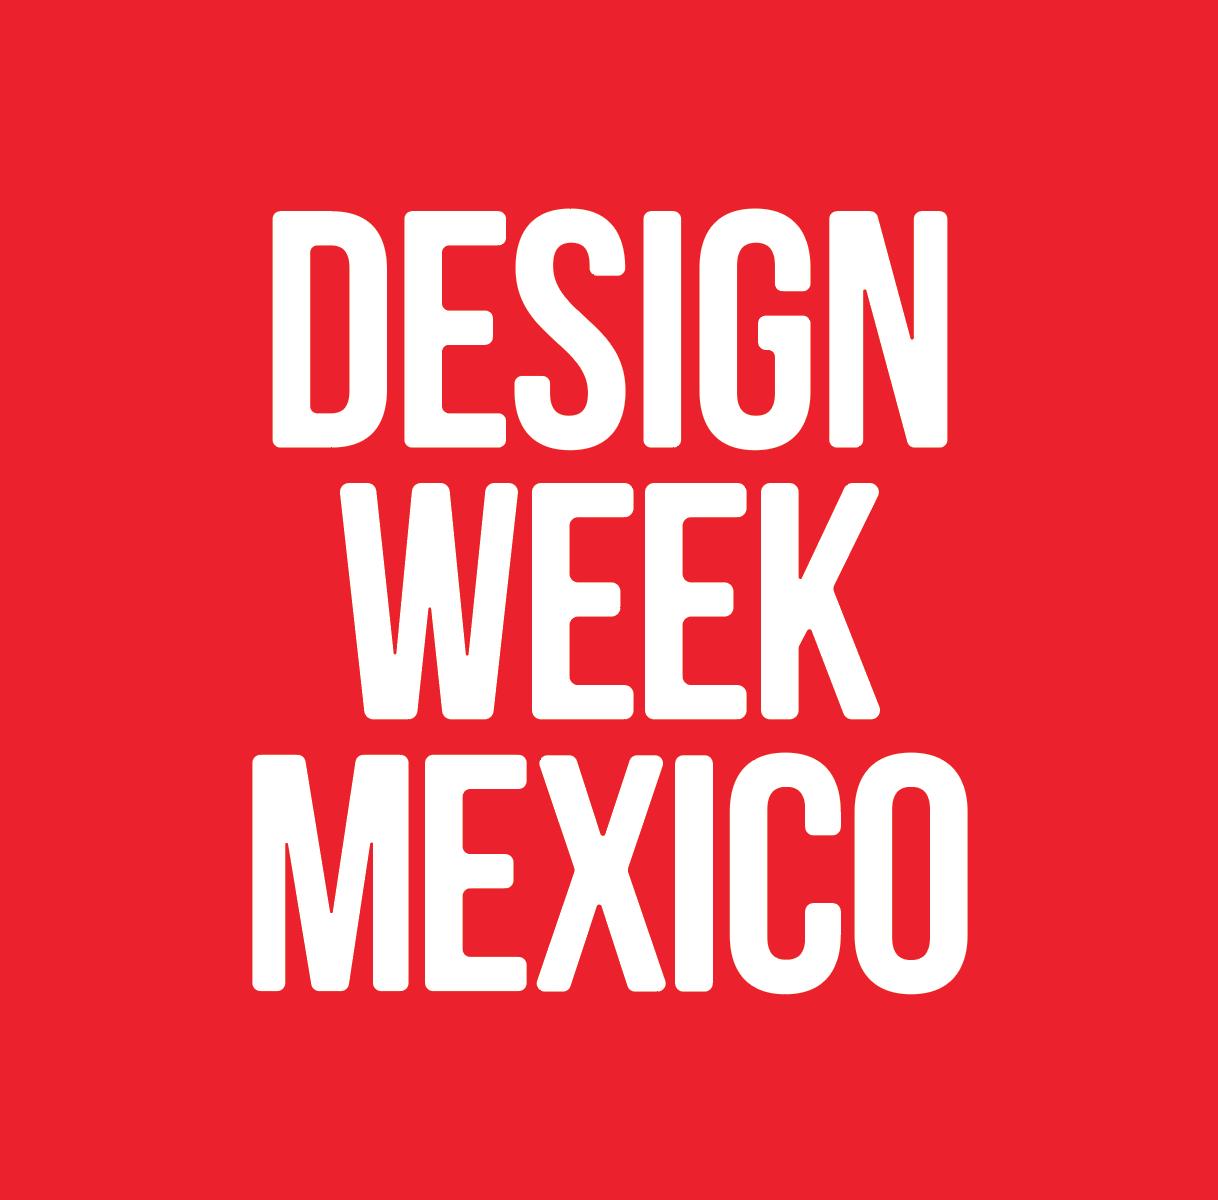 Design Week Mexico: 10 años de arquitectura y diseño